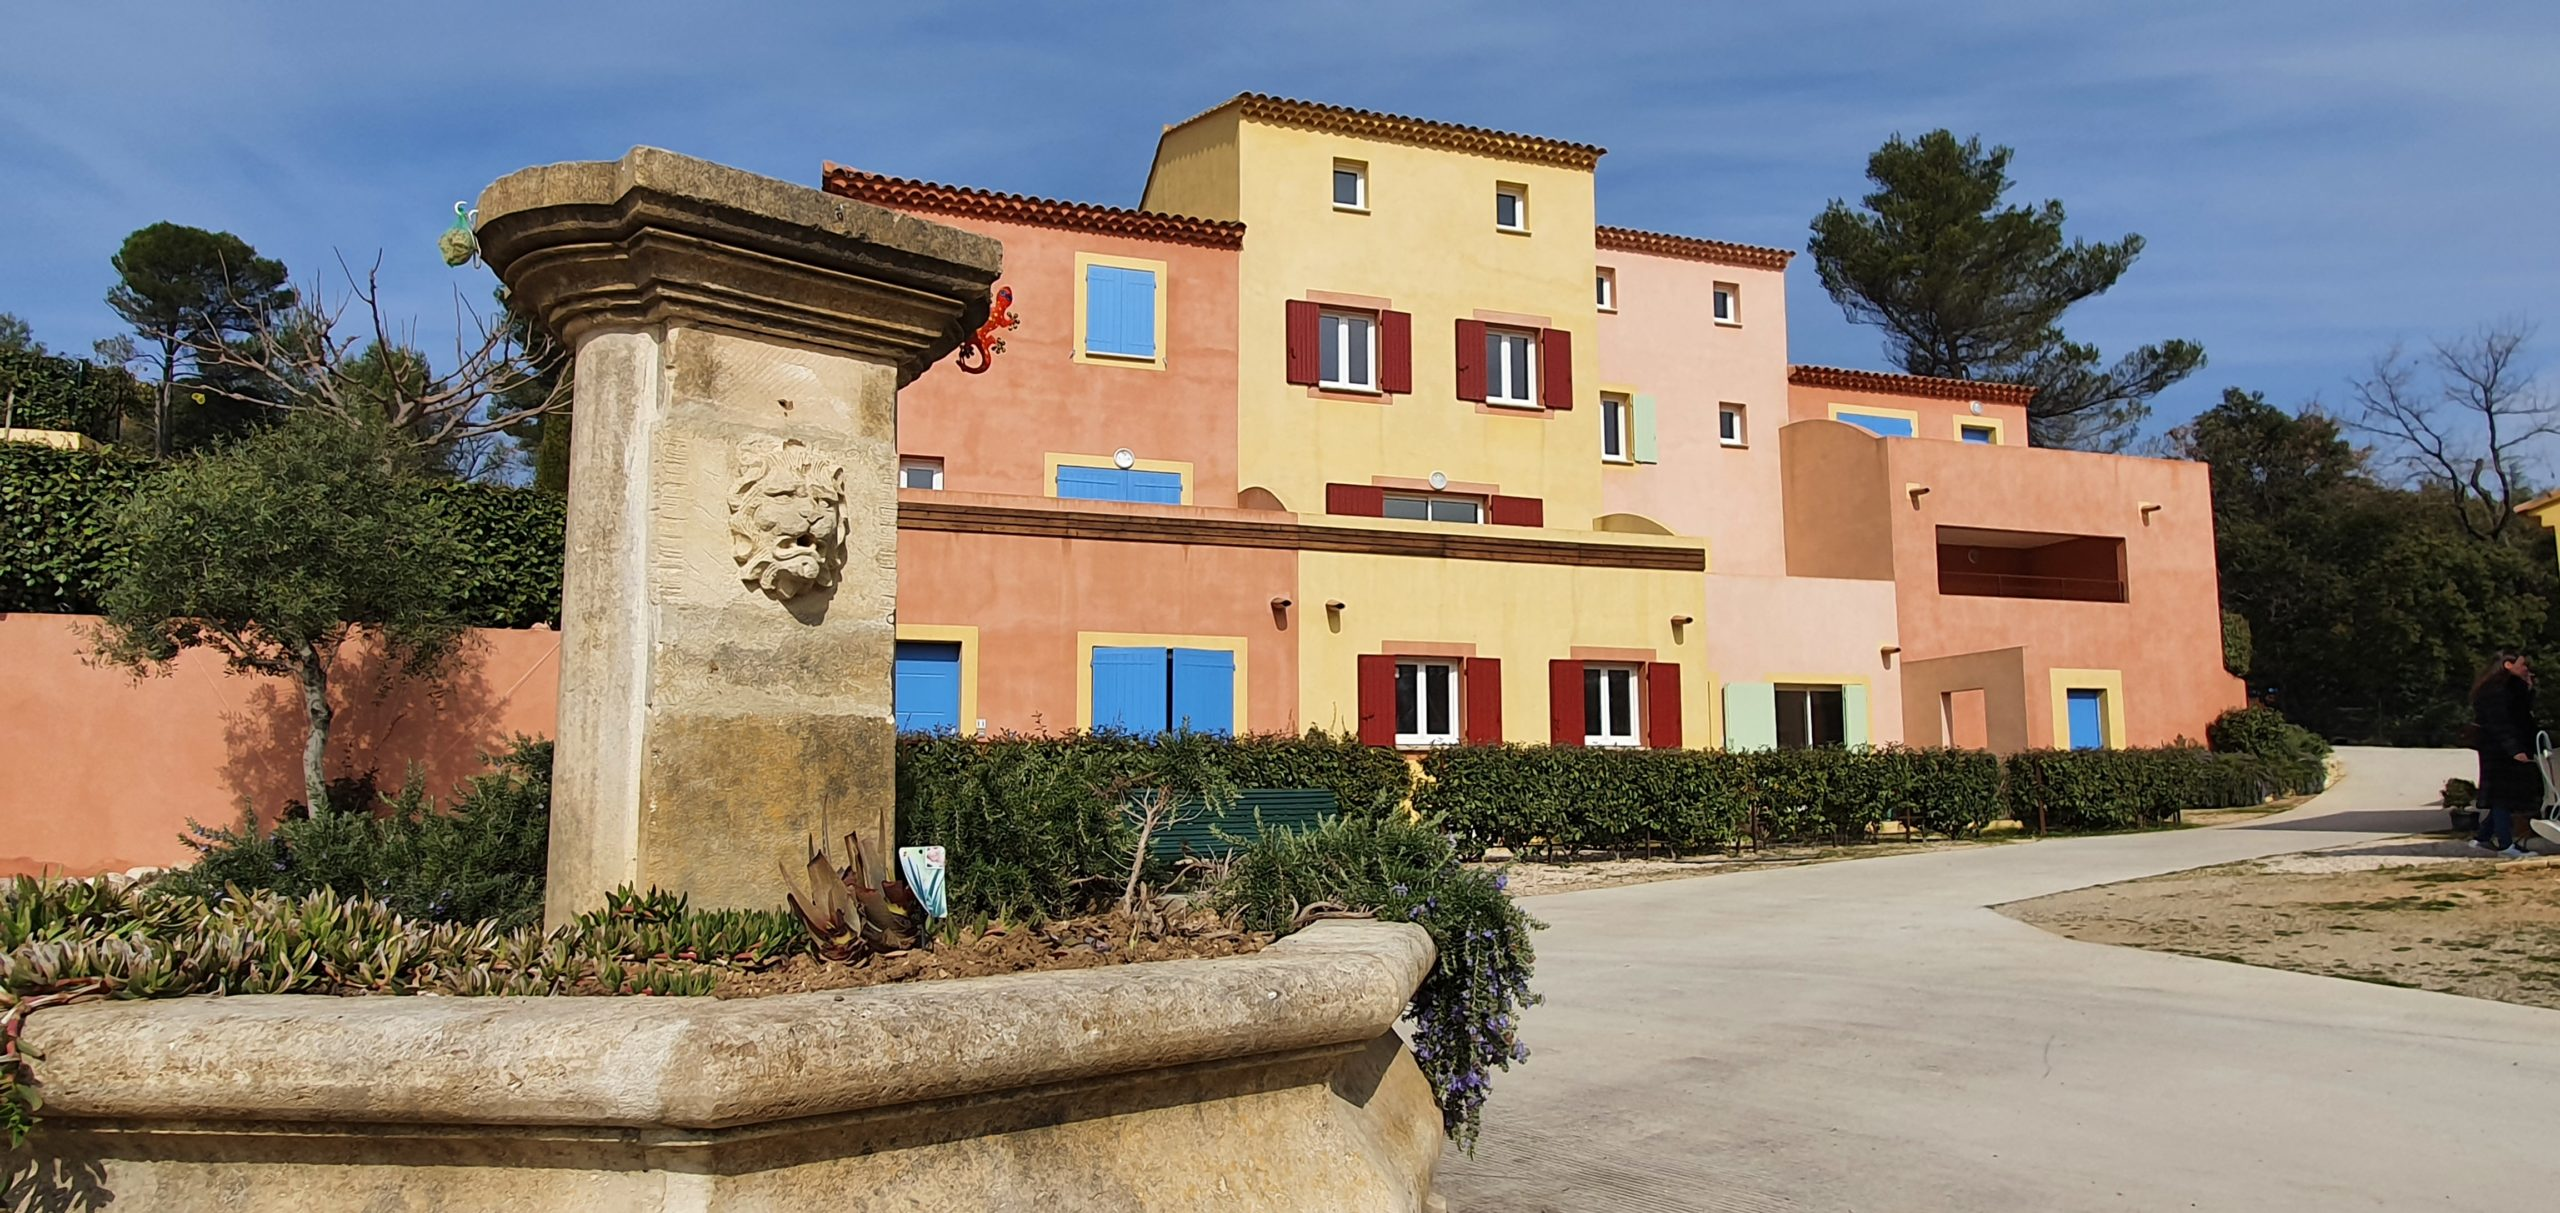 Roussillon 84 220 Superbe appartement T2 Avec terrasse, 2 parkings privés